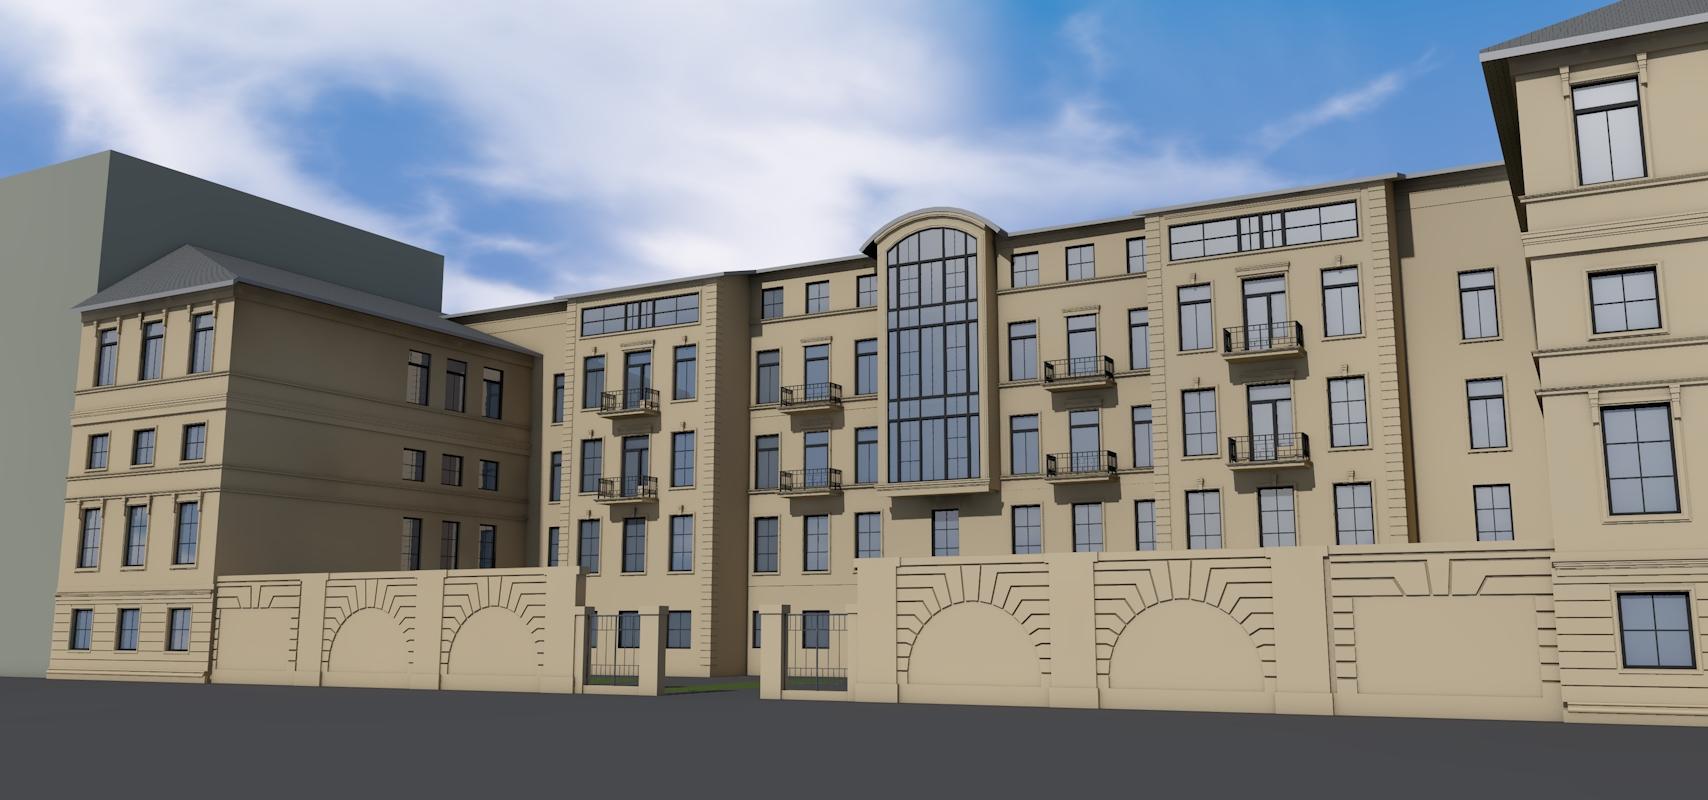 Концепция достройки фасада исторического здания фото f_8805c09245a1a035.jpg